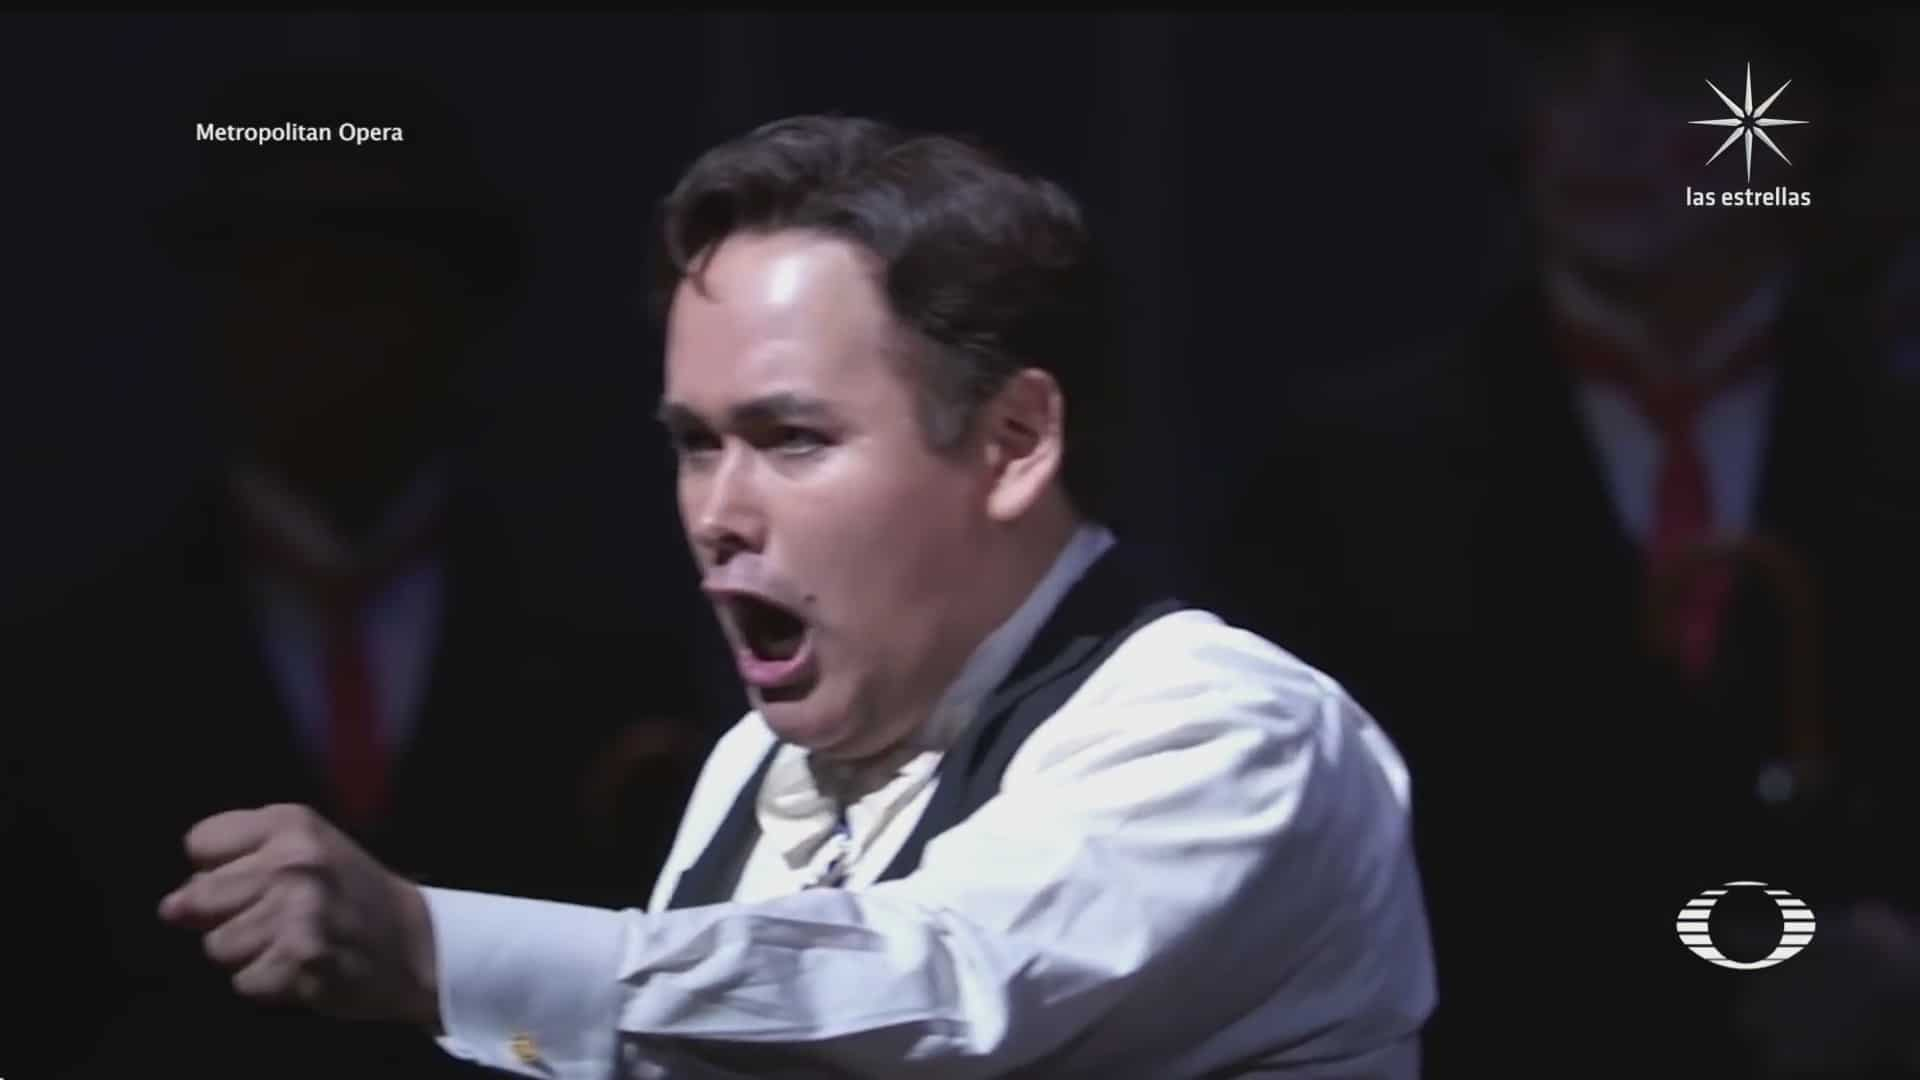 tenor mexicano laureado como mejor cantante de opera